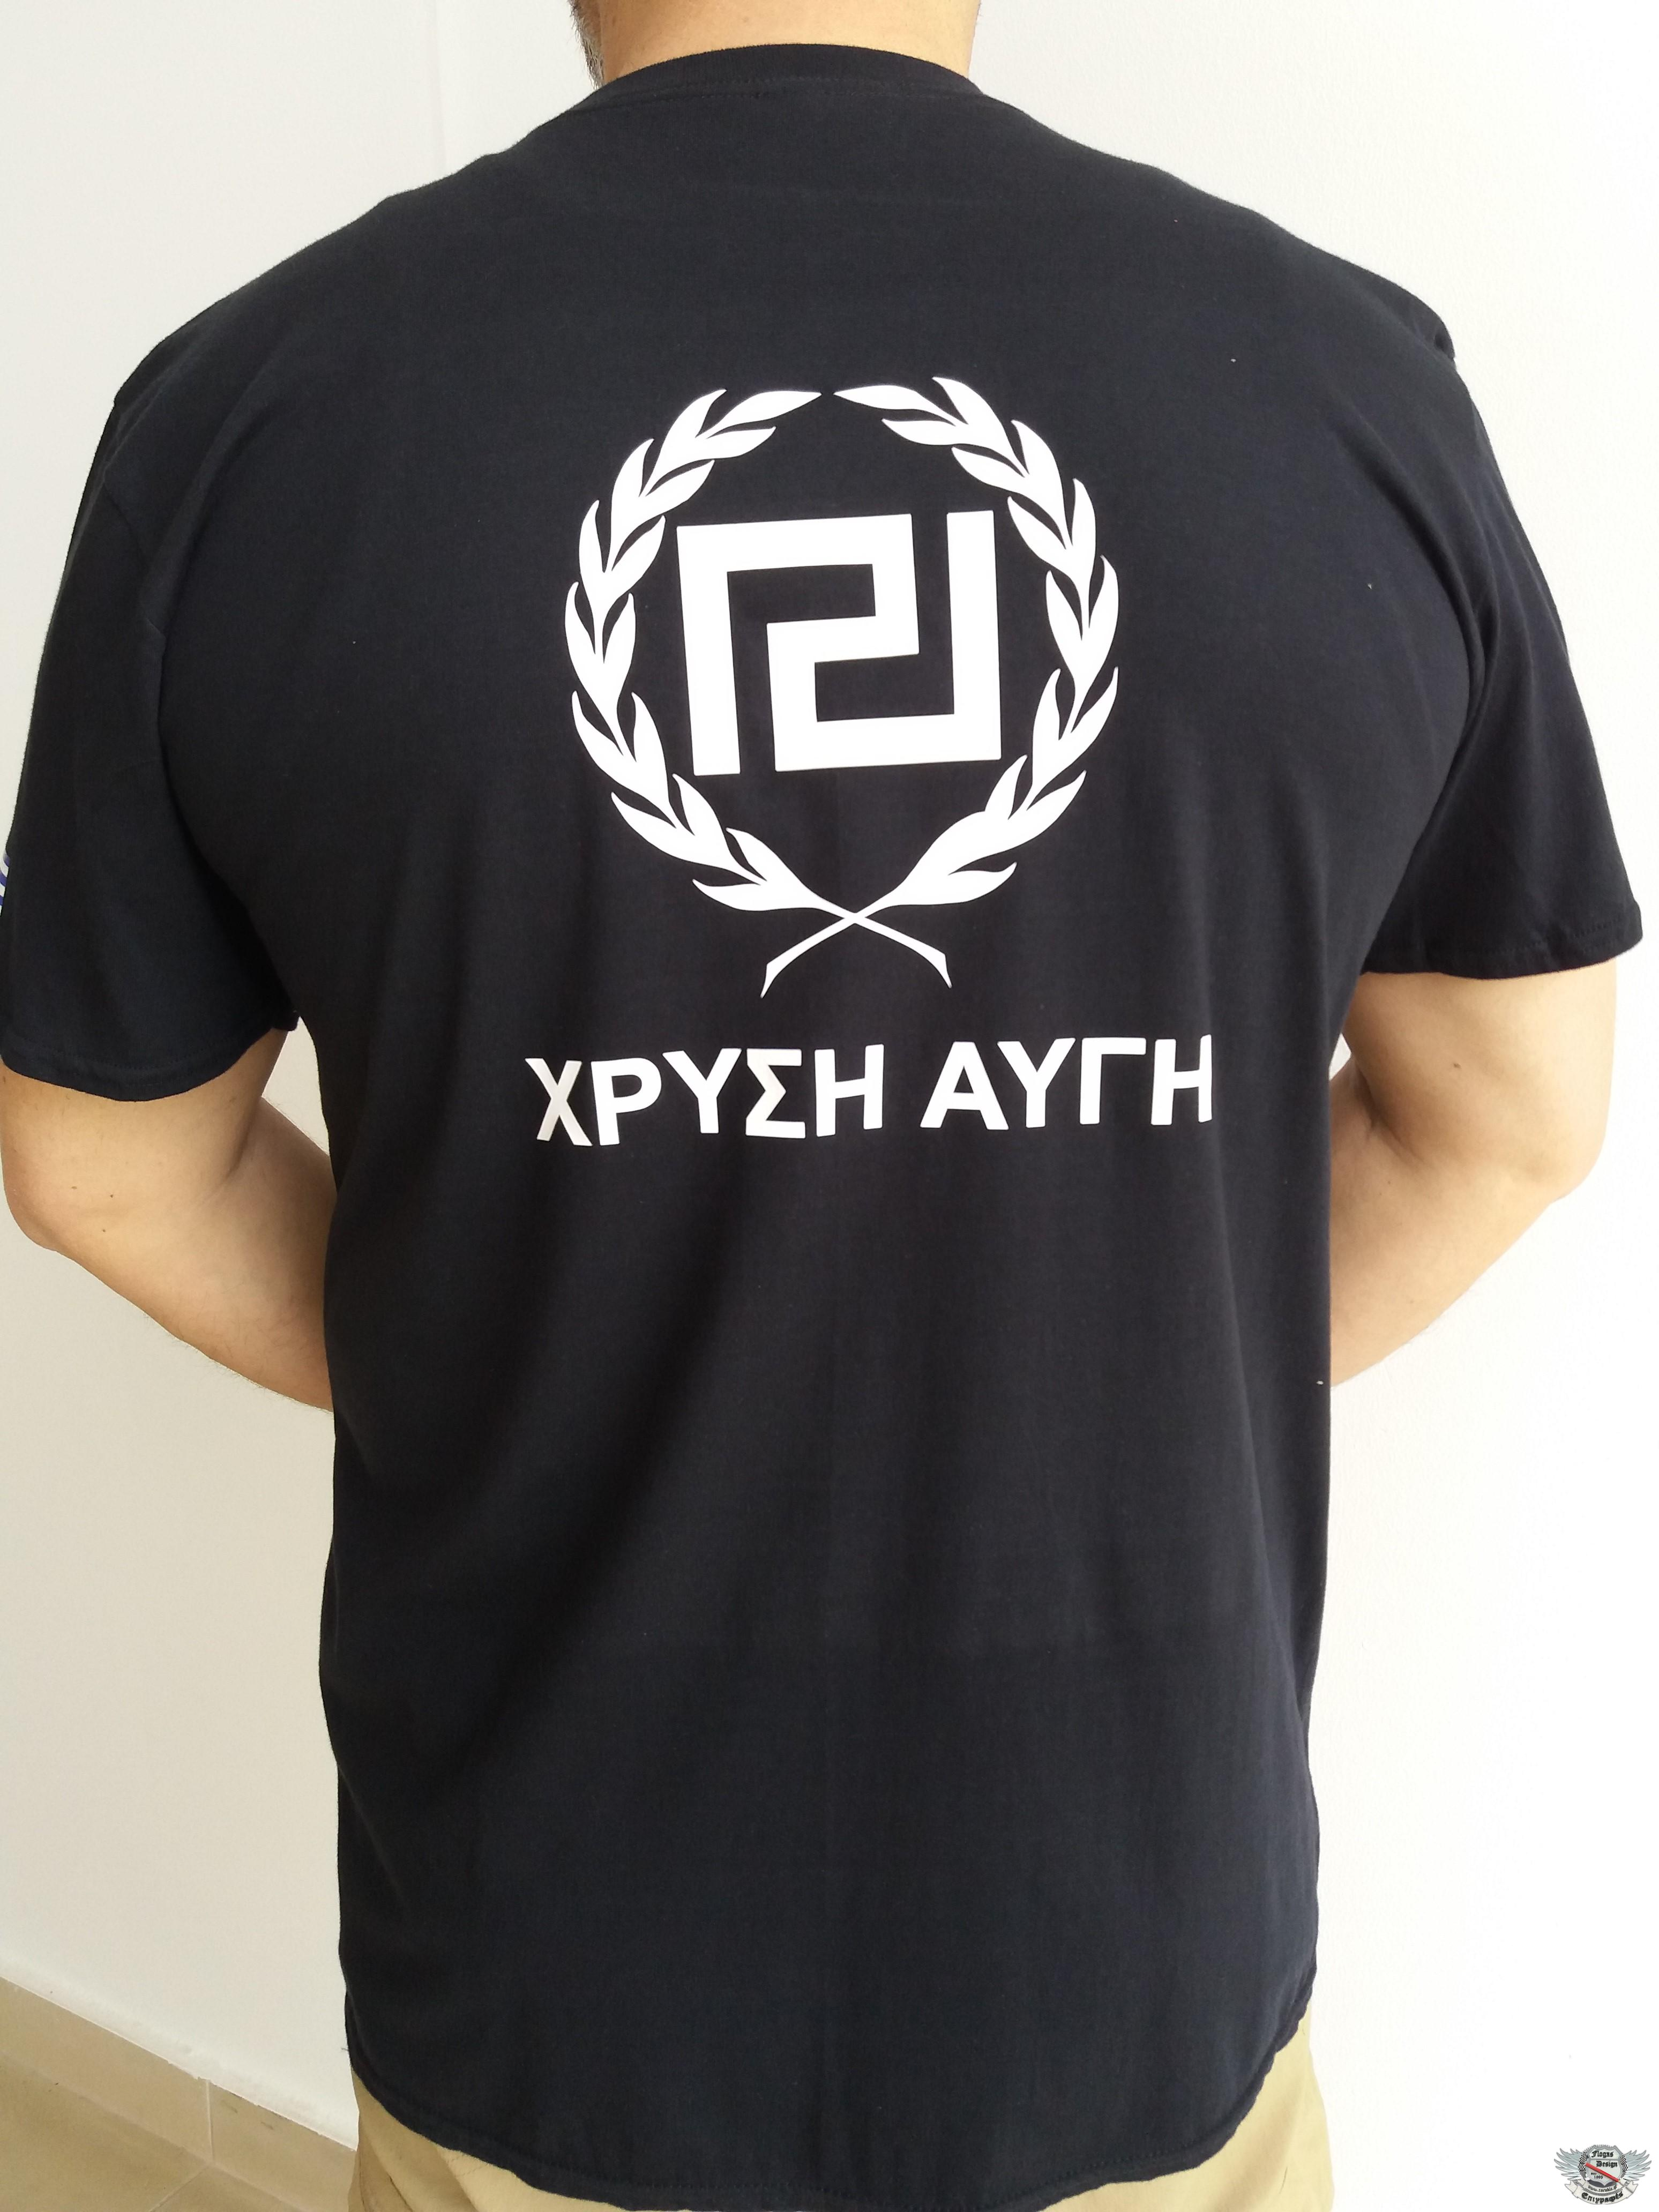 ΛΟΓΟΤΥΠΟ ΘΕΡΜΟΤYΠΙΑΣ ΣΕ T-SHIRT